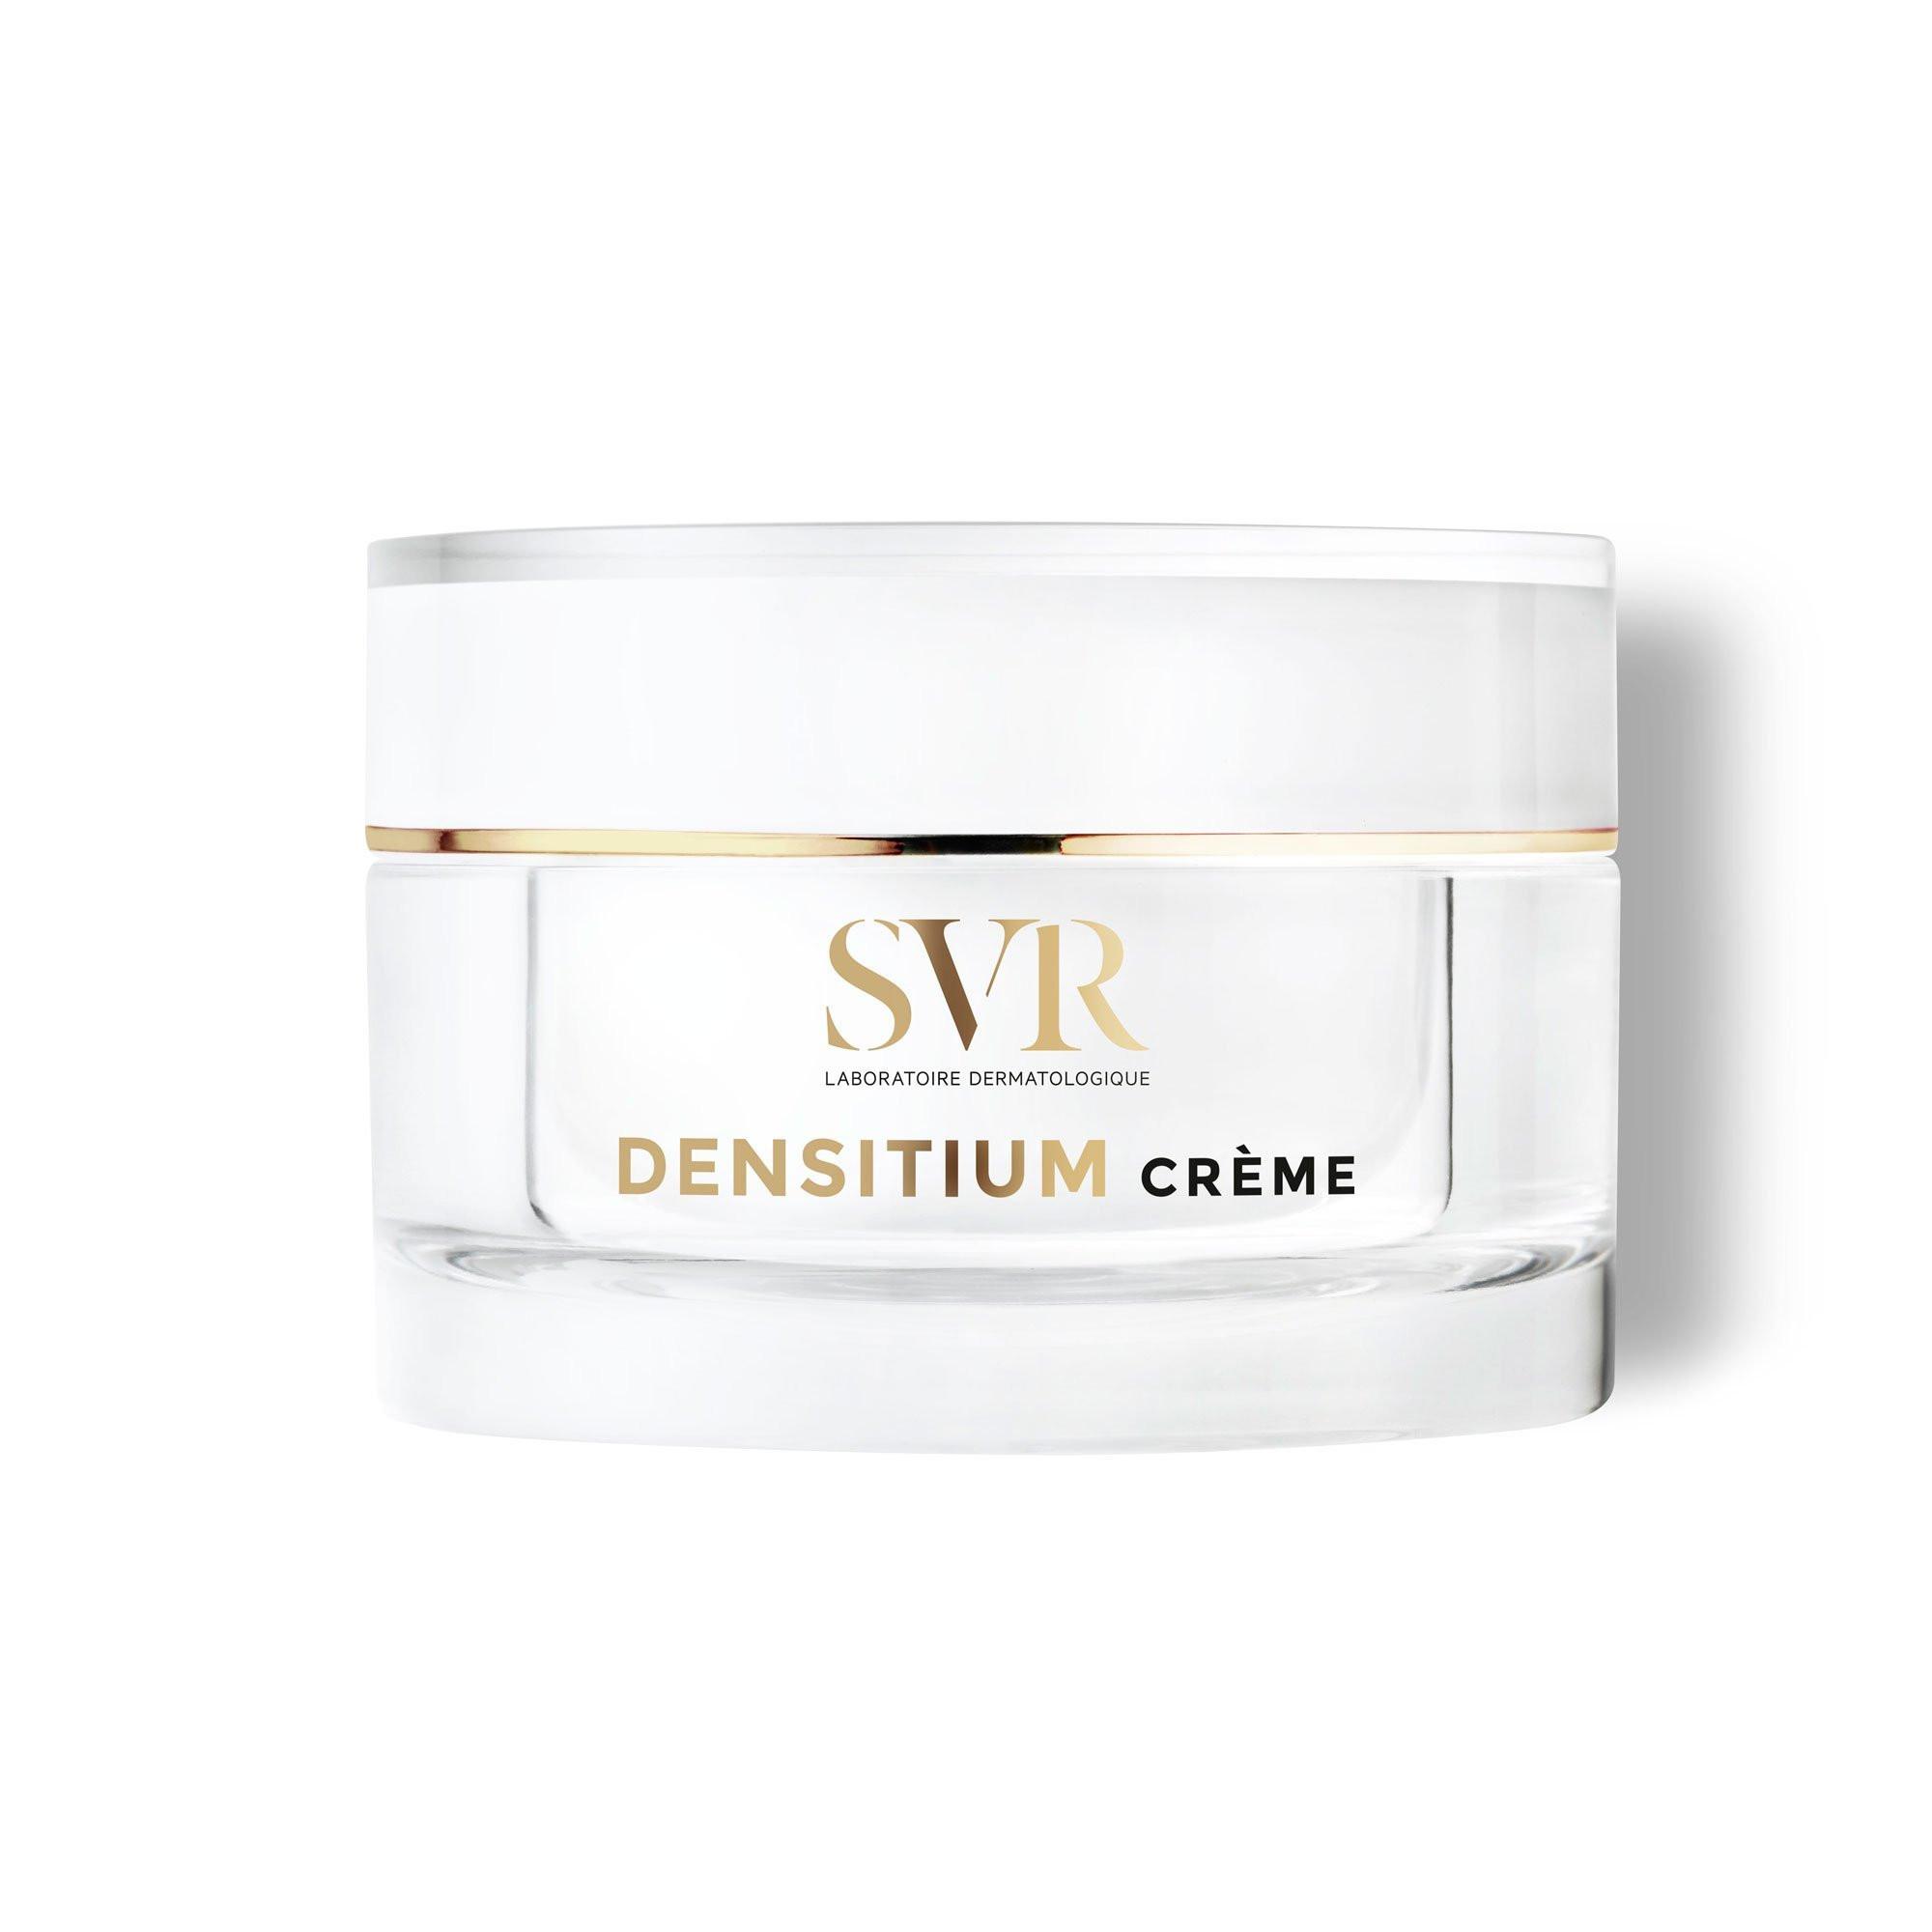 SVR densitium crema 50 ml